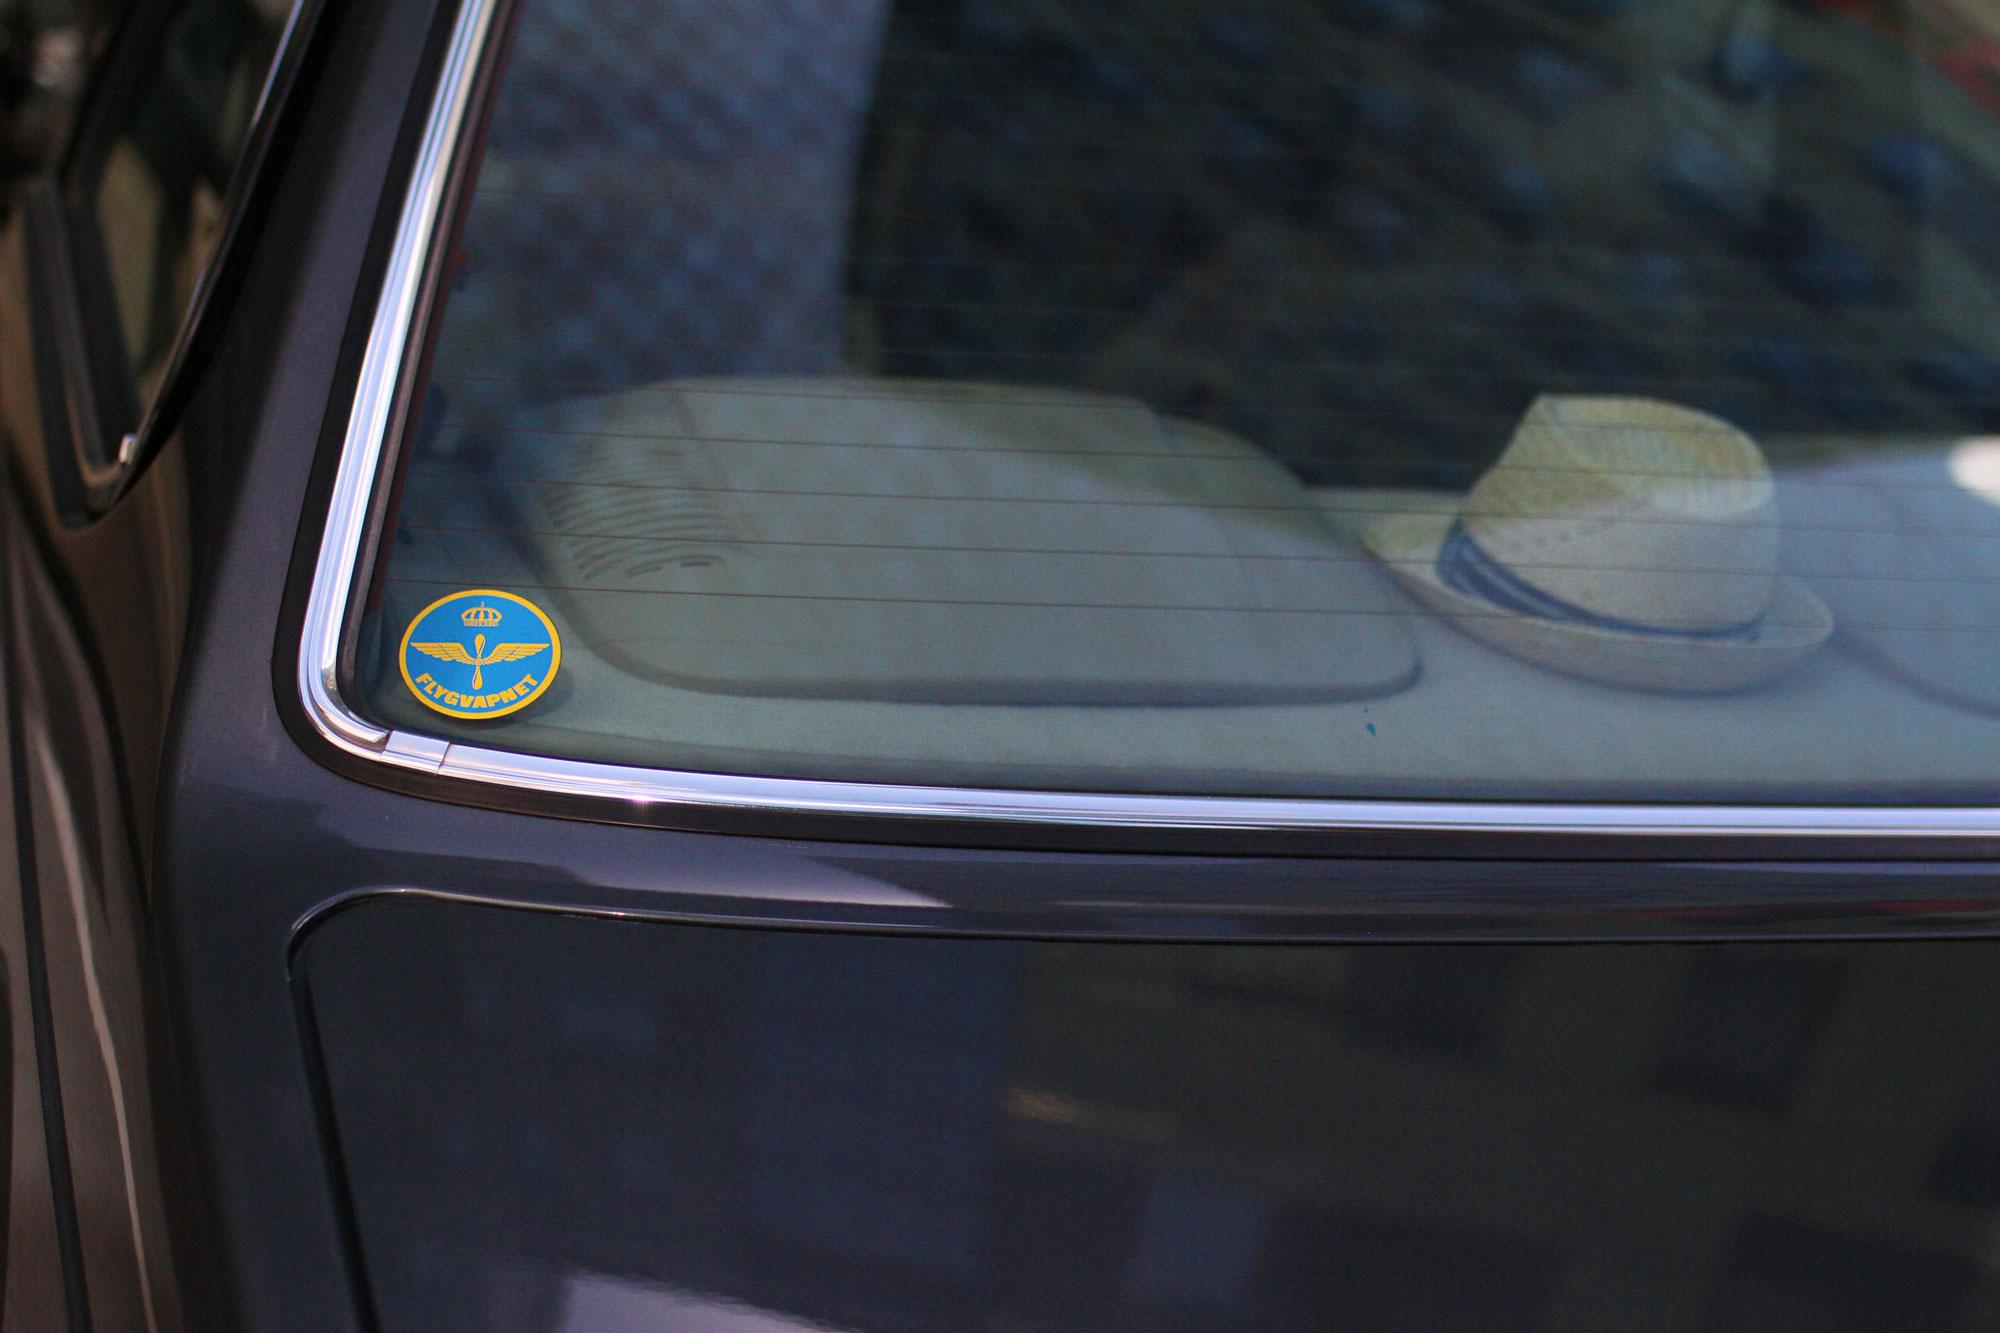 Svenska Flygvapnets emblem i bakrutan på den klassiska BMW´n